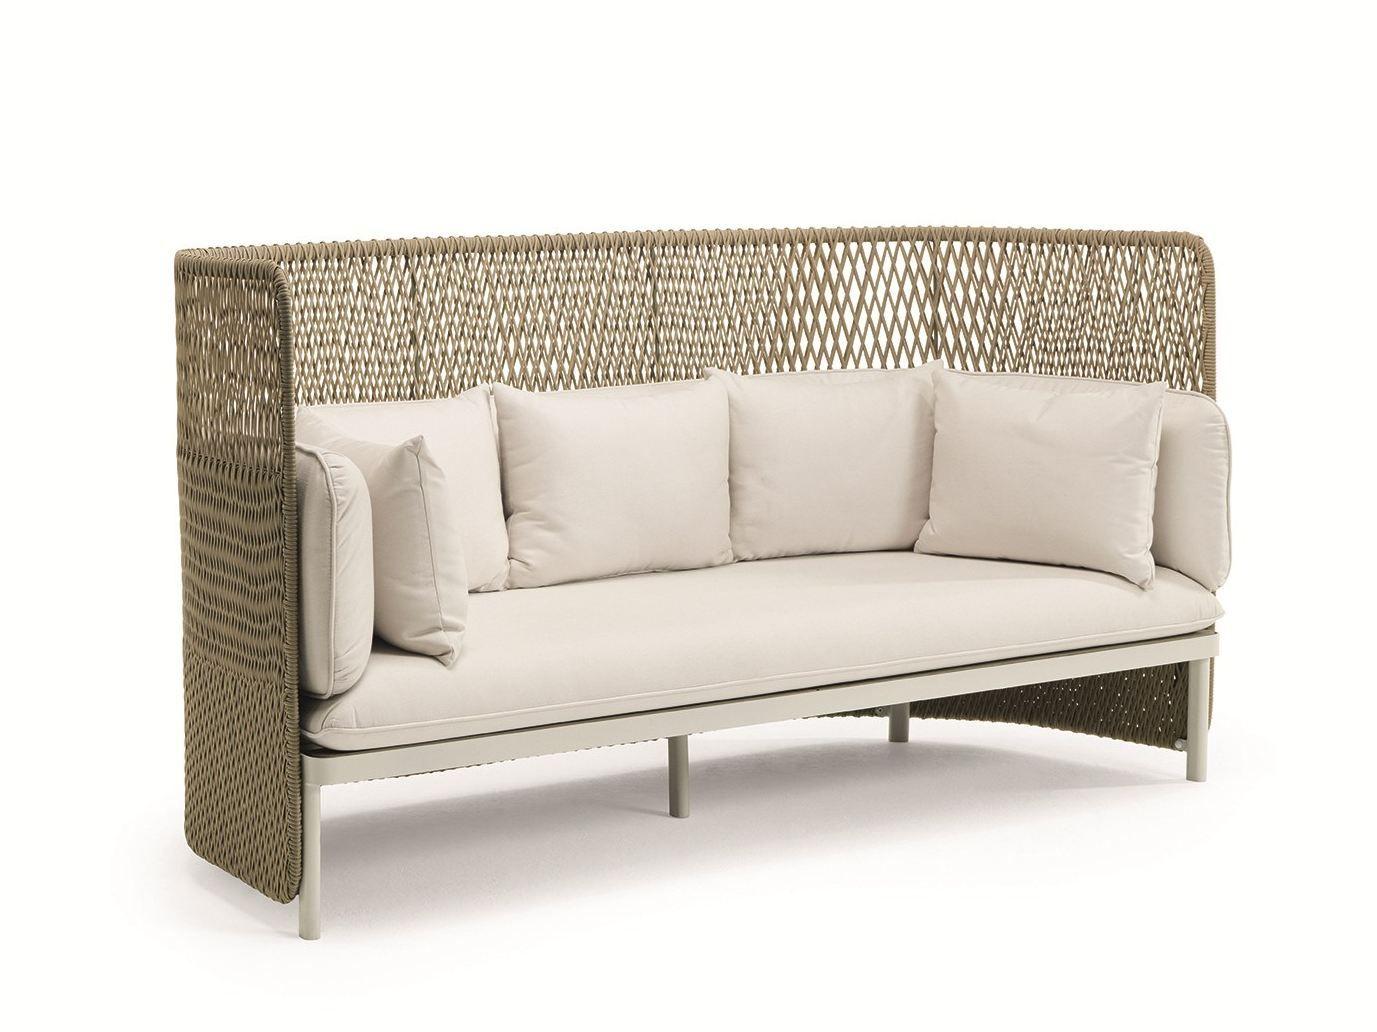 divano da giardino in stile moderno esedra divano con schienale alto by ethimo design luca nichetto. Black Bedroom Furniture Sets. Home Design Ideas